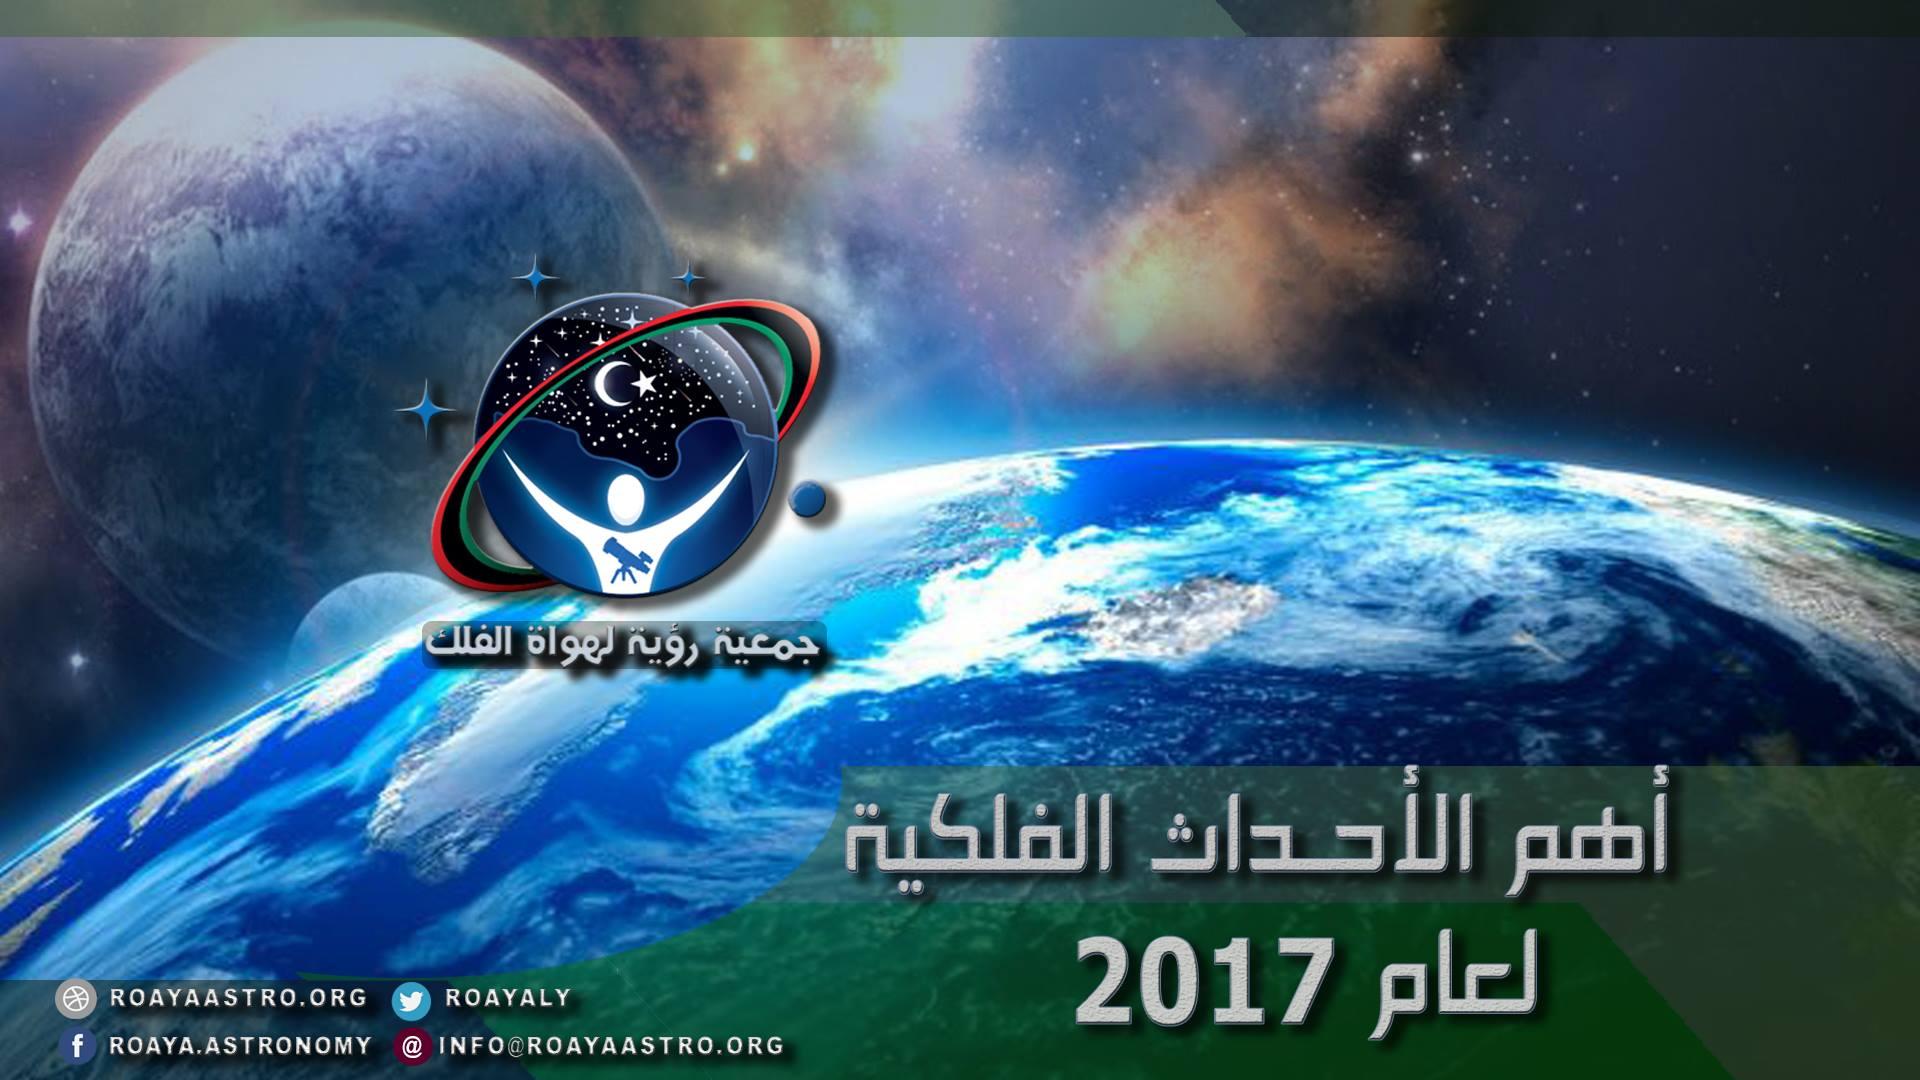 أهم الأحداث الفلكية لعام 2017